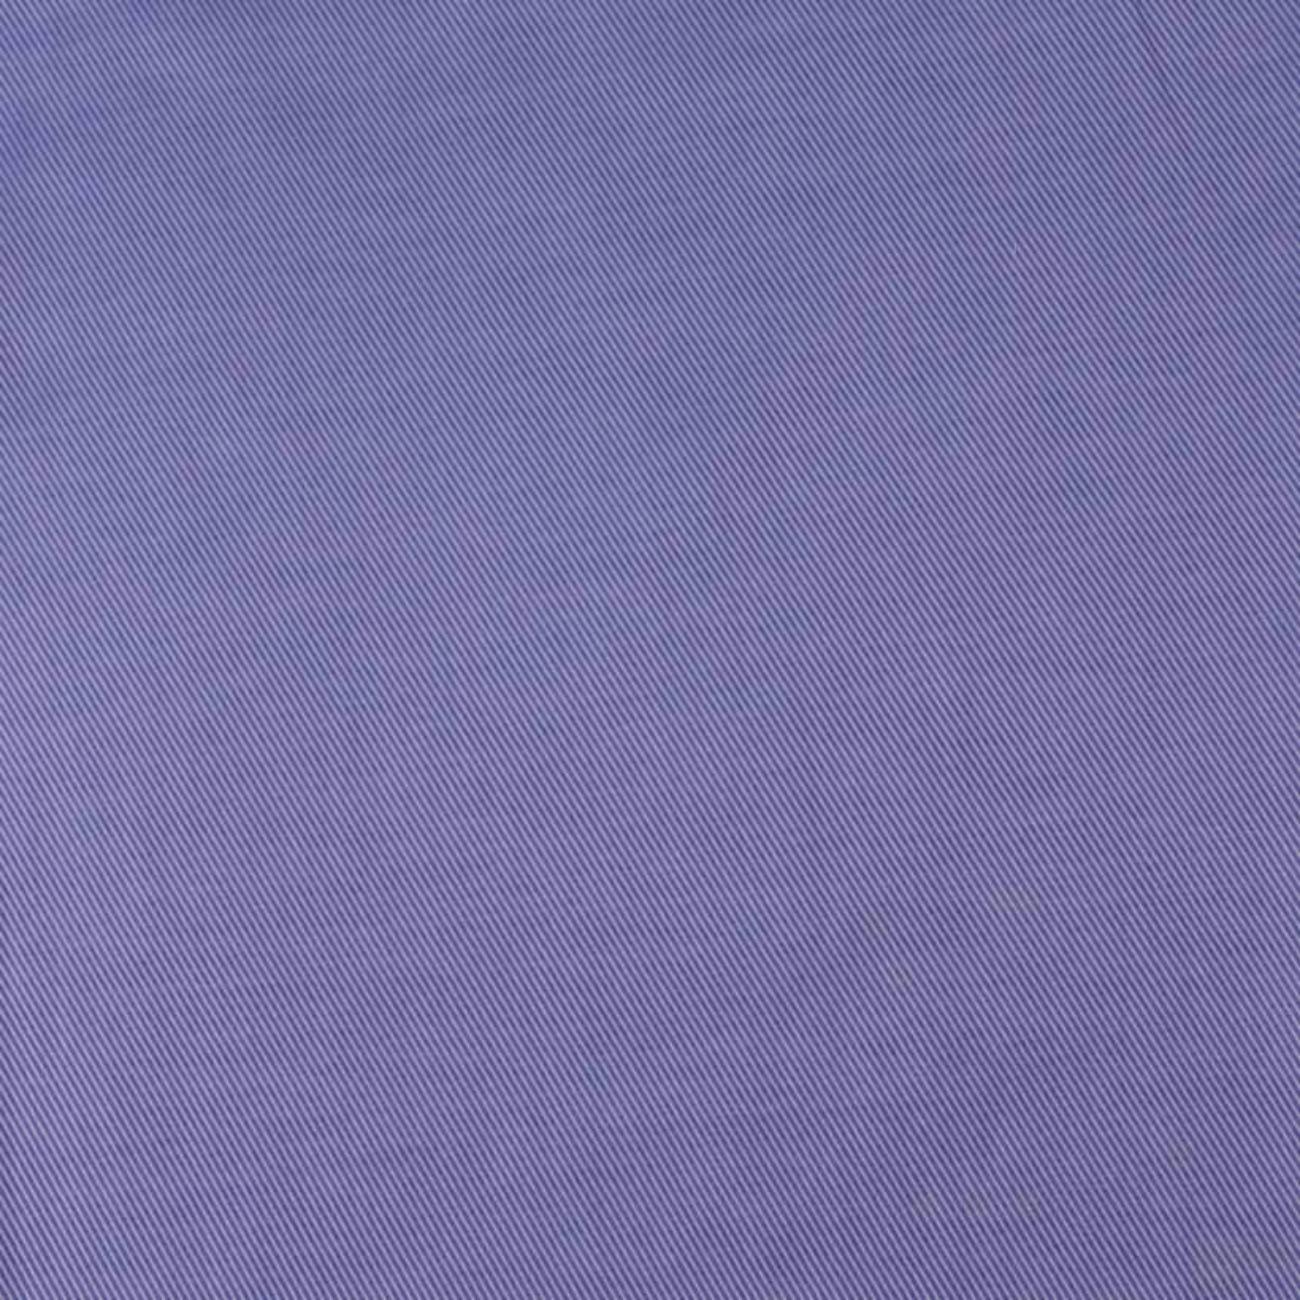 现货 斜纹 条子 梭织 色织 低弹 休闲时尚风格 衬衫 连衣裙 短裙 棉感 60929-19